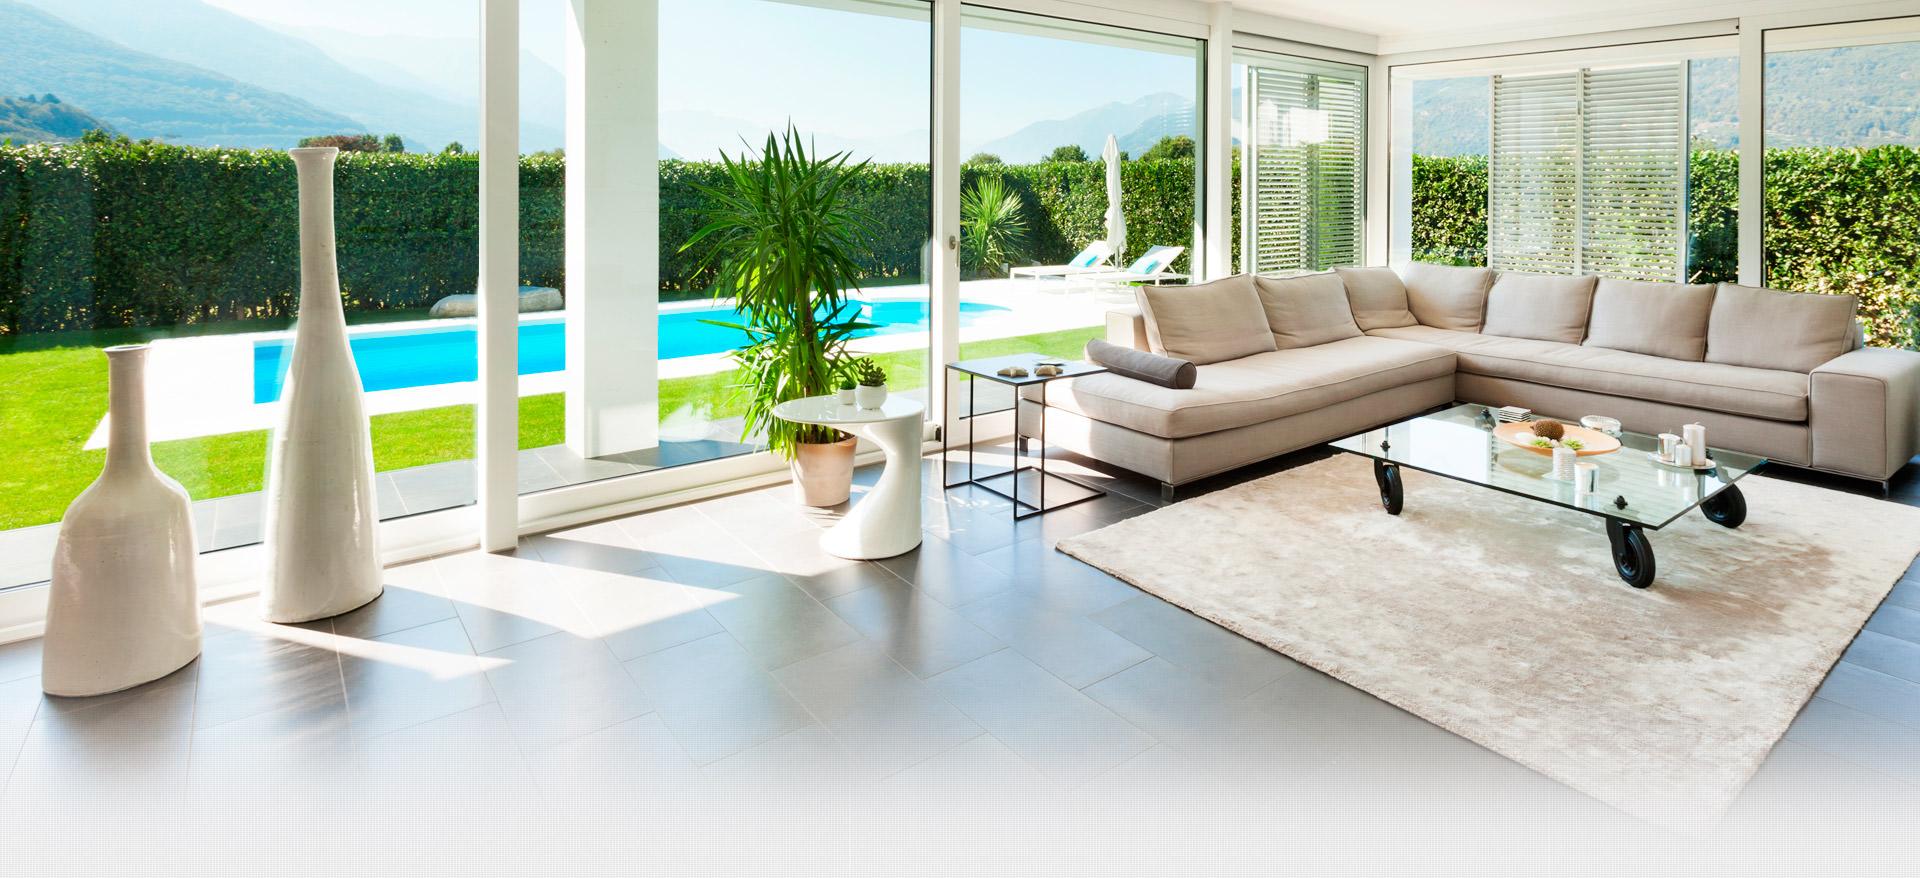 Valutazione immobili agenzia progetto casa for Immagini case di lusso